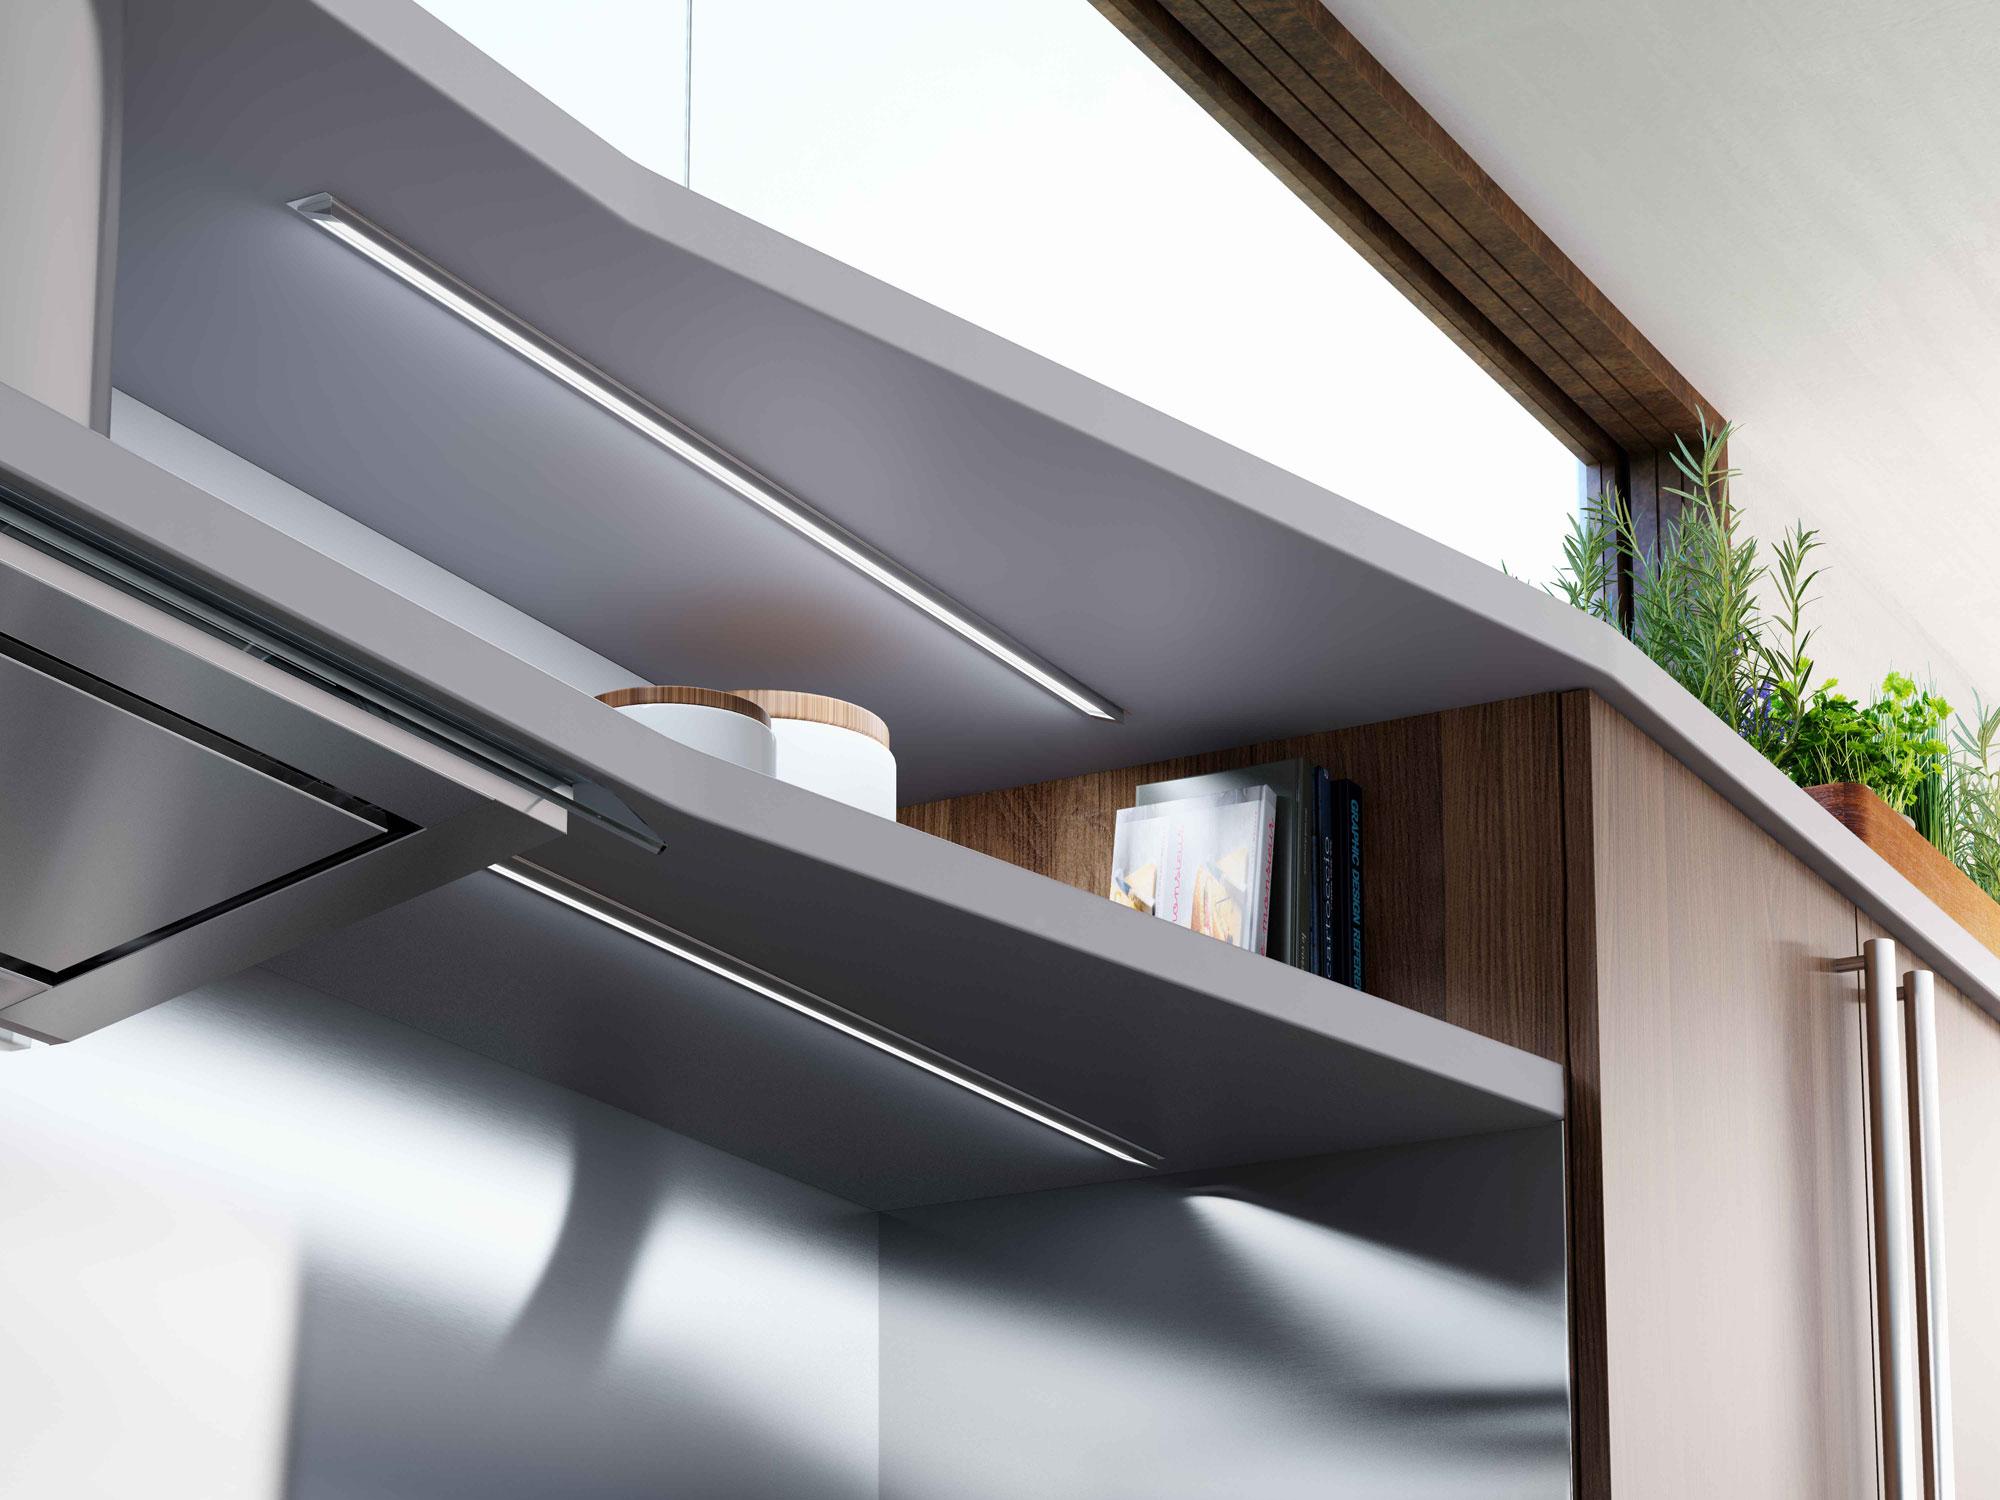 cucina-dettaglio-skyline-2-0-elegance-2